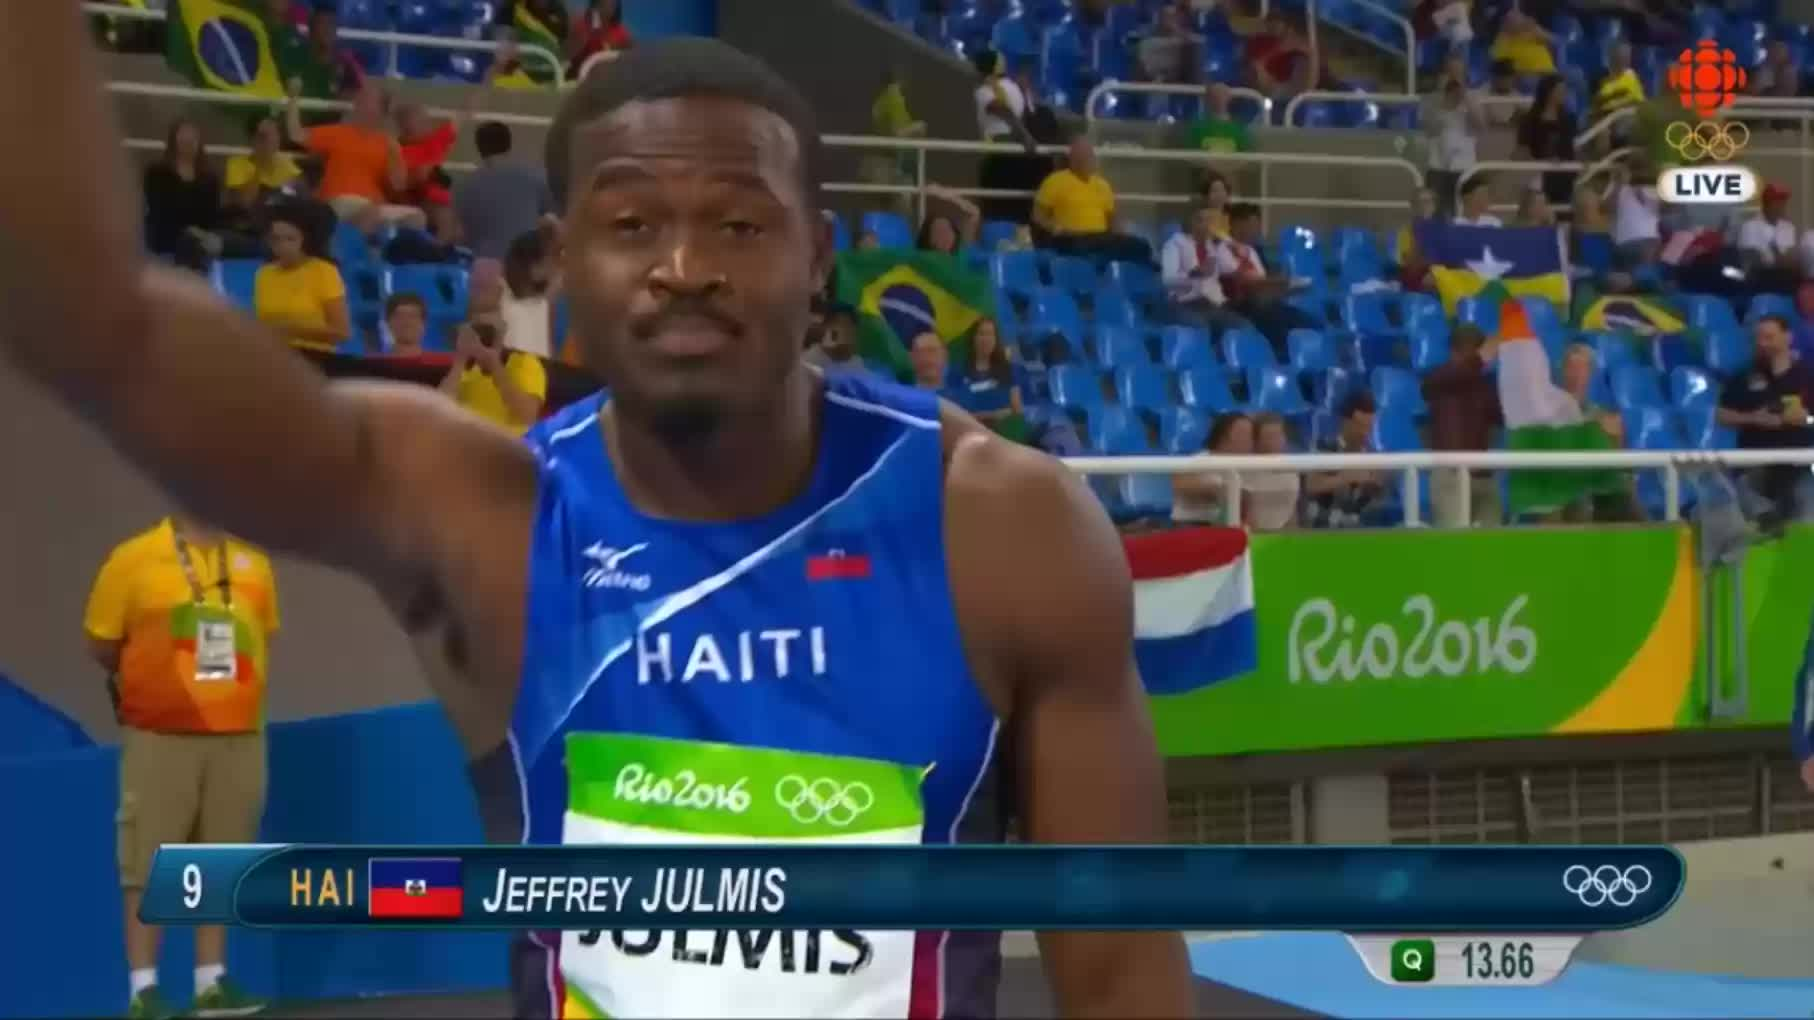 Usain Bolt can't beat Jeffrey Julmis GIFs